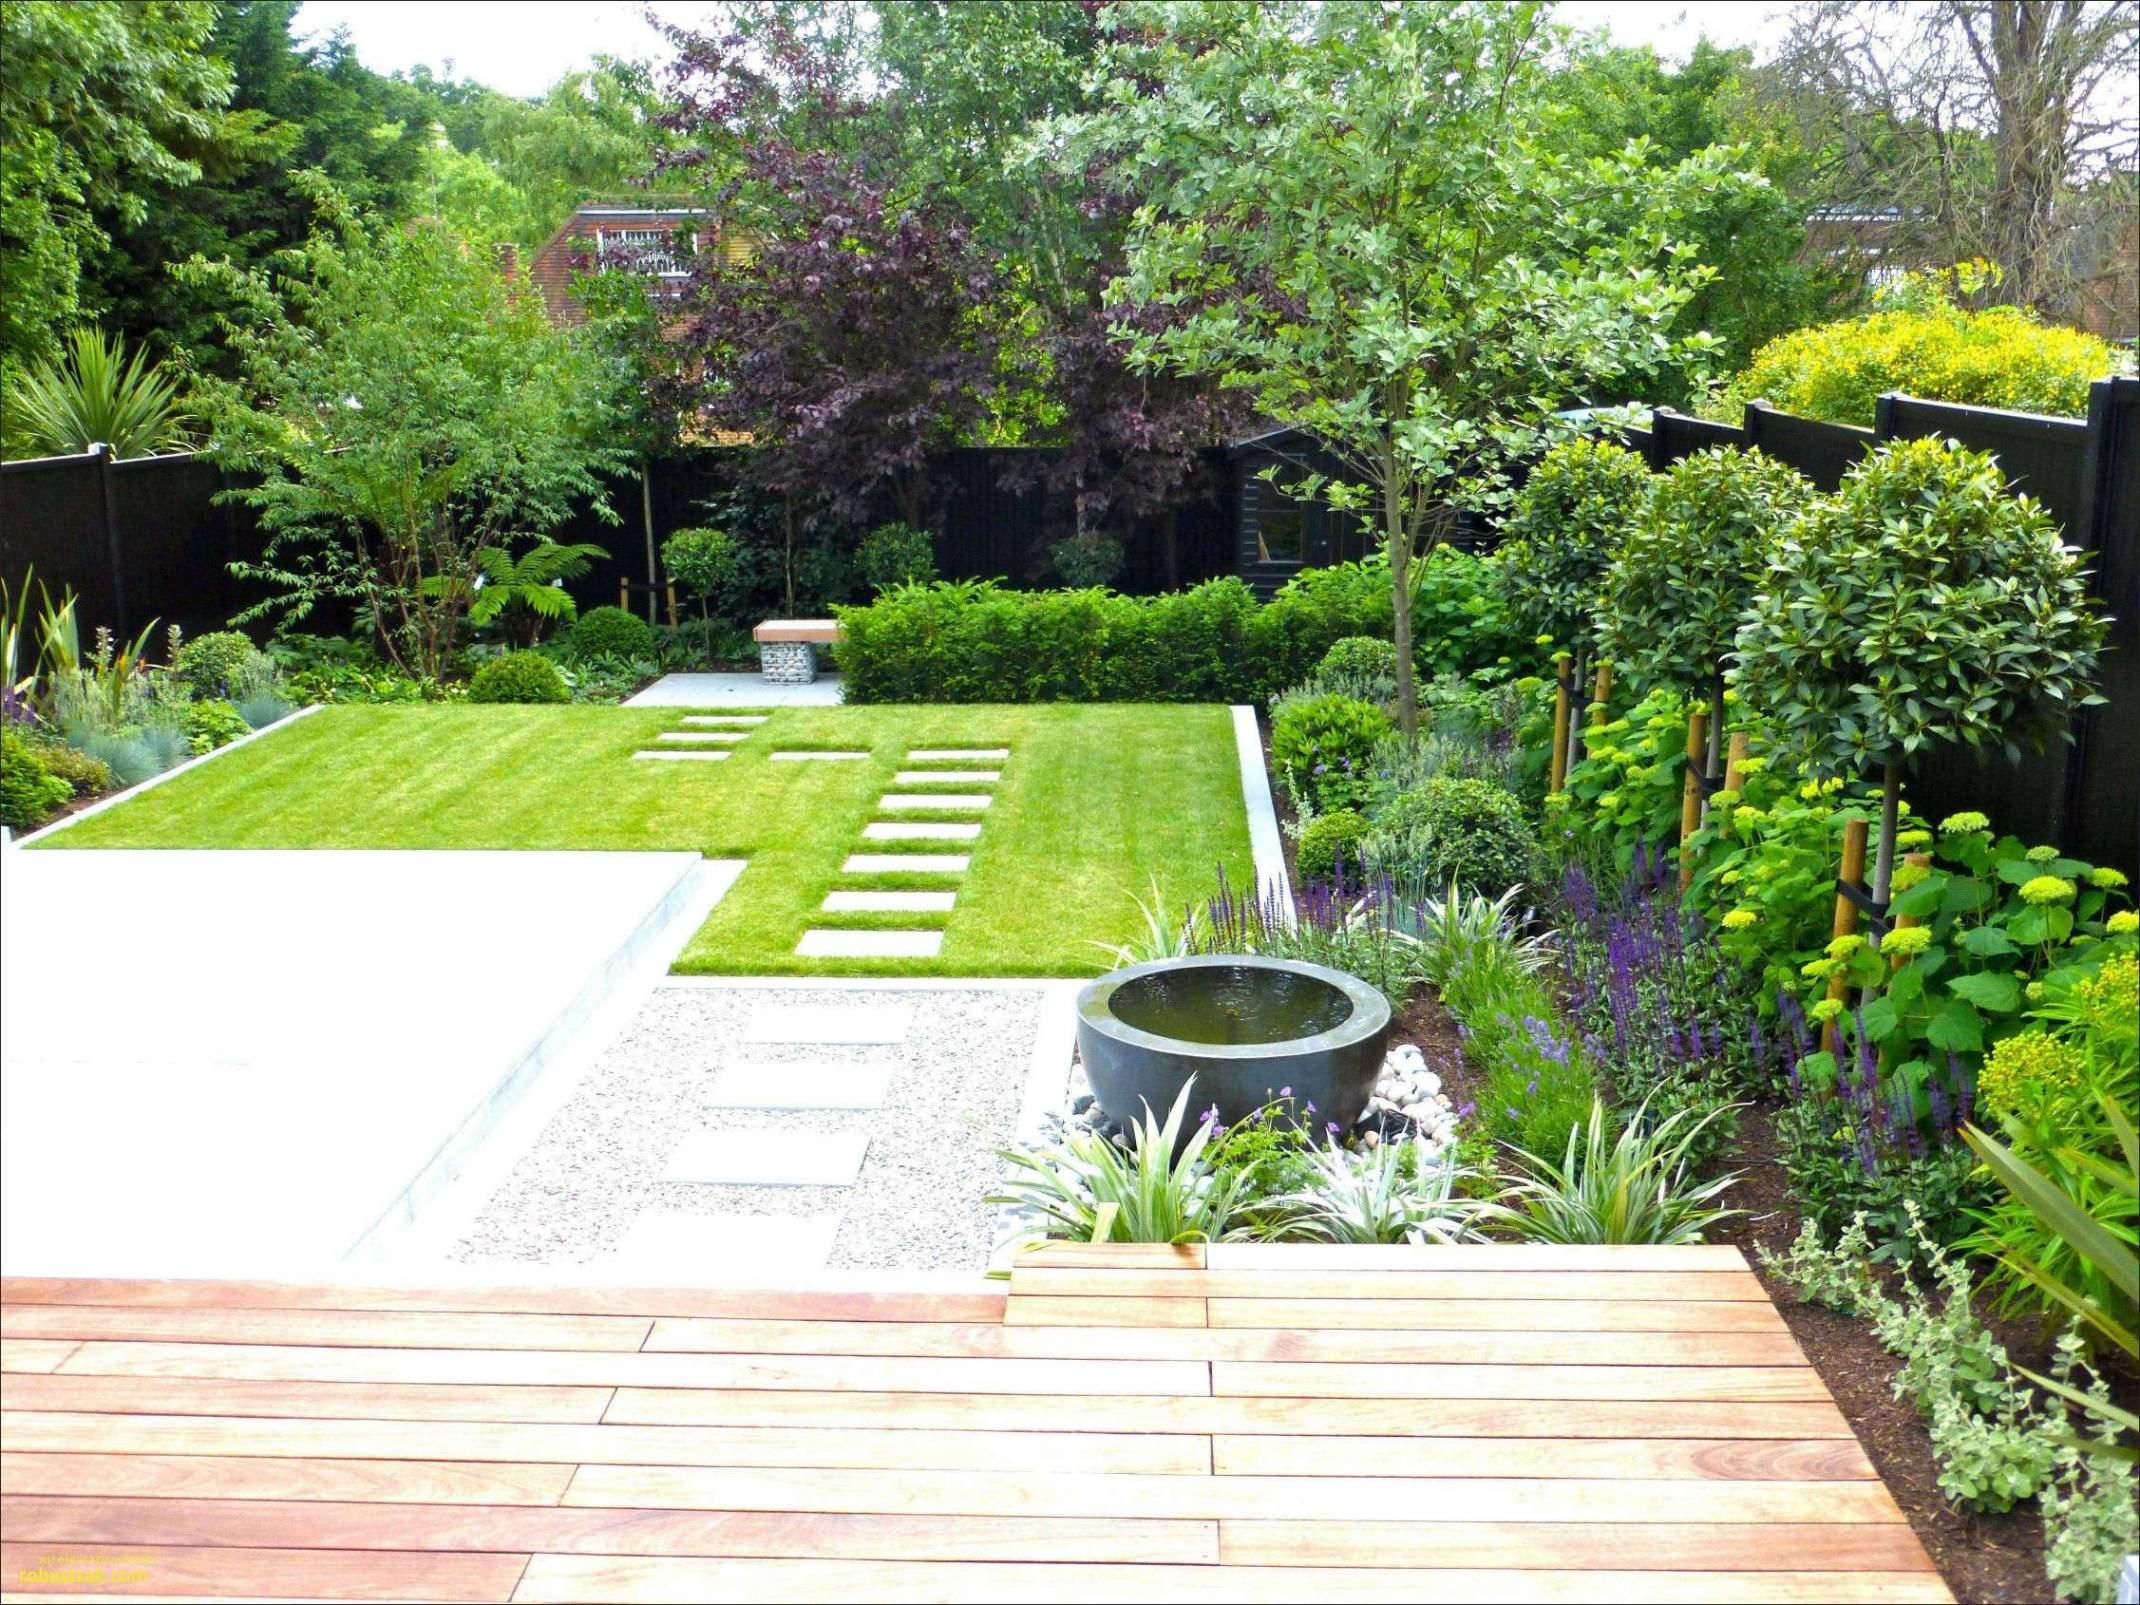 7 Elegant Sichtschutz Garten Ideen Günstig  Garten Deko